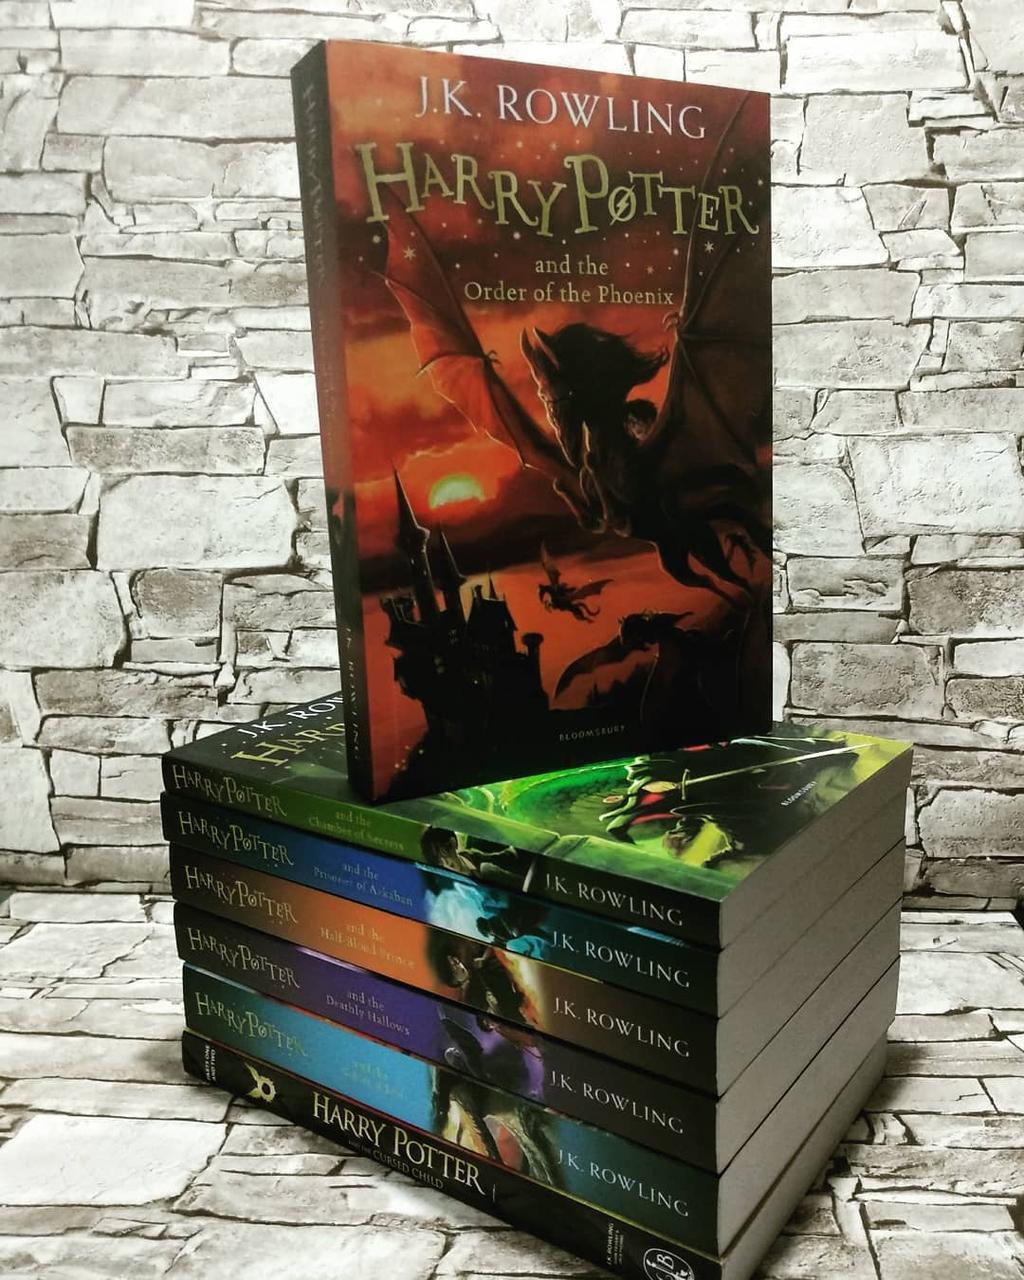 Набір книг Гаррі Поттера Джоан Роулінг, Harry Potter англійською мовою, повний набір 8 книг